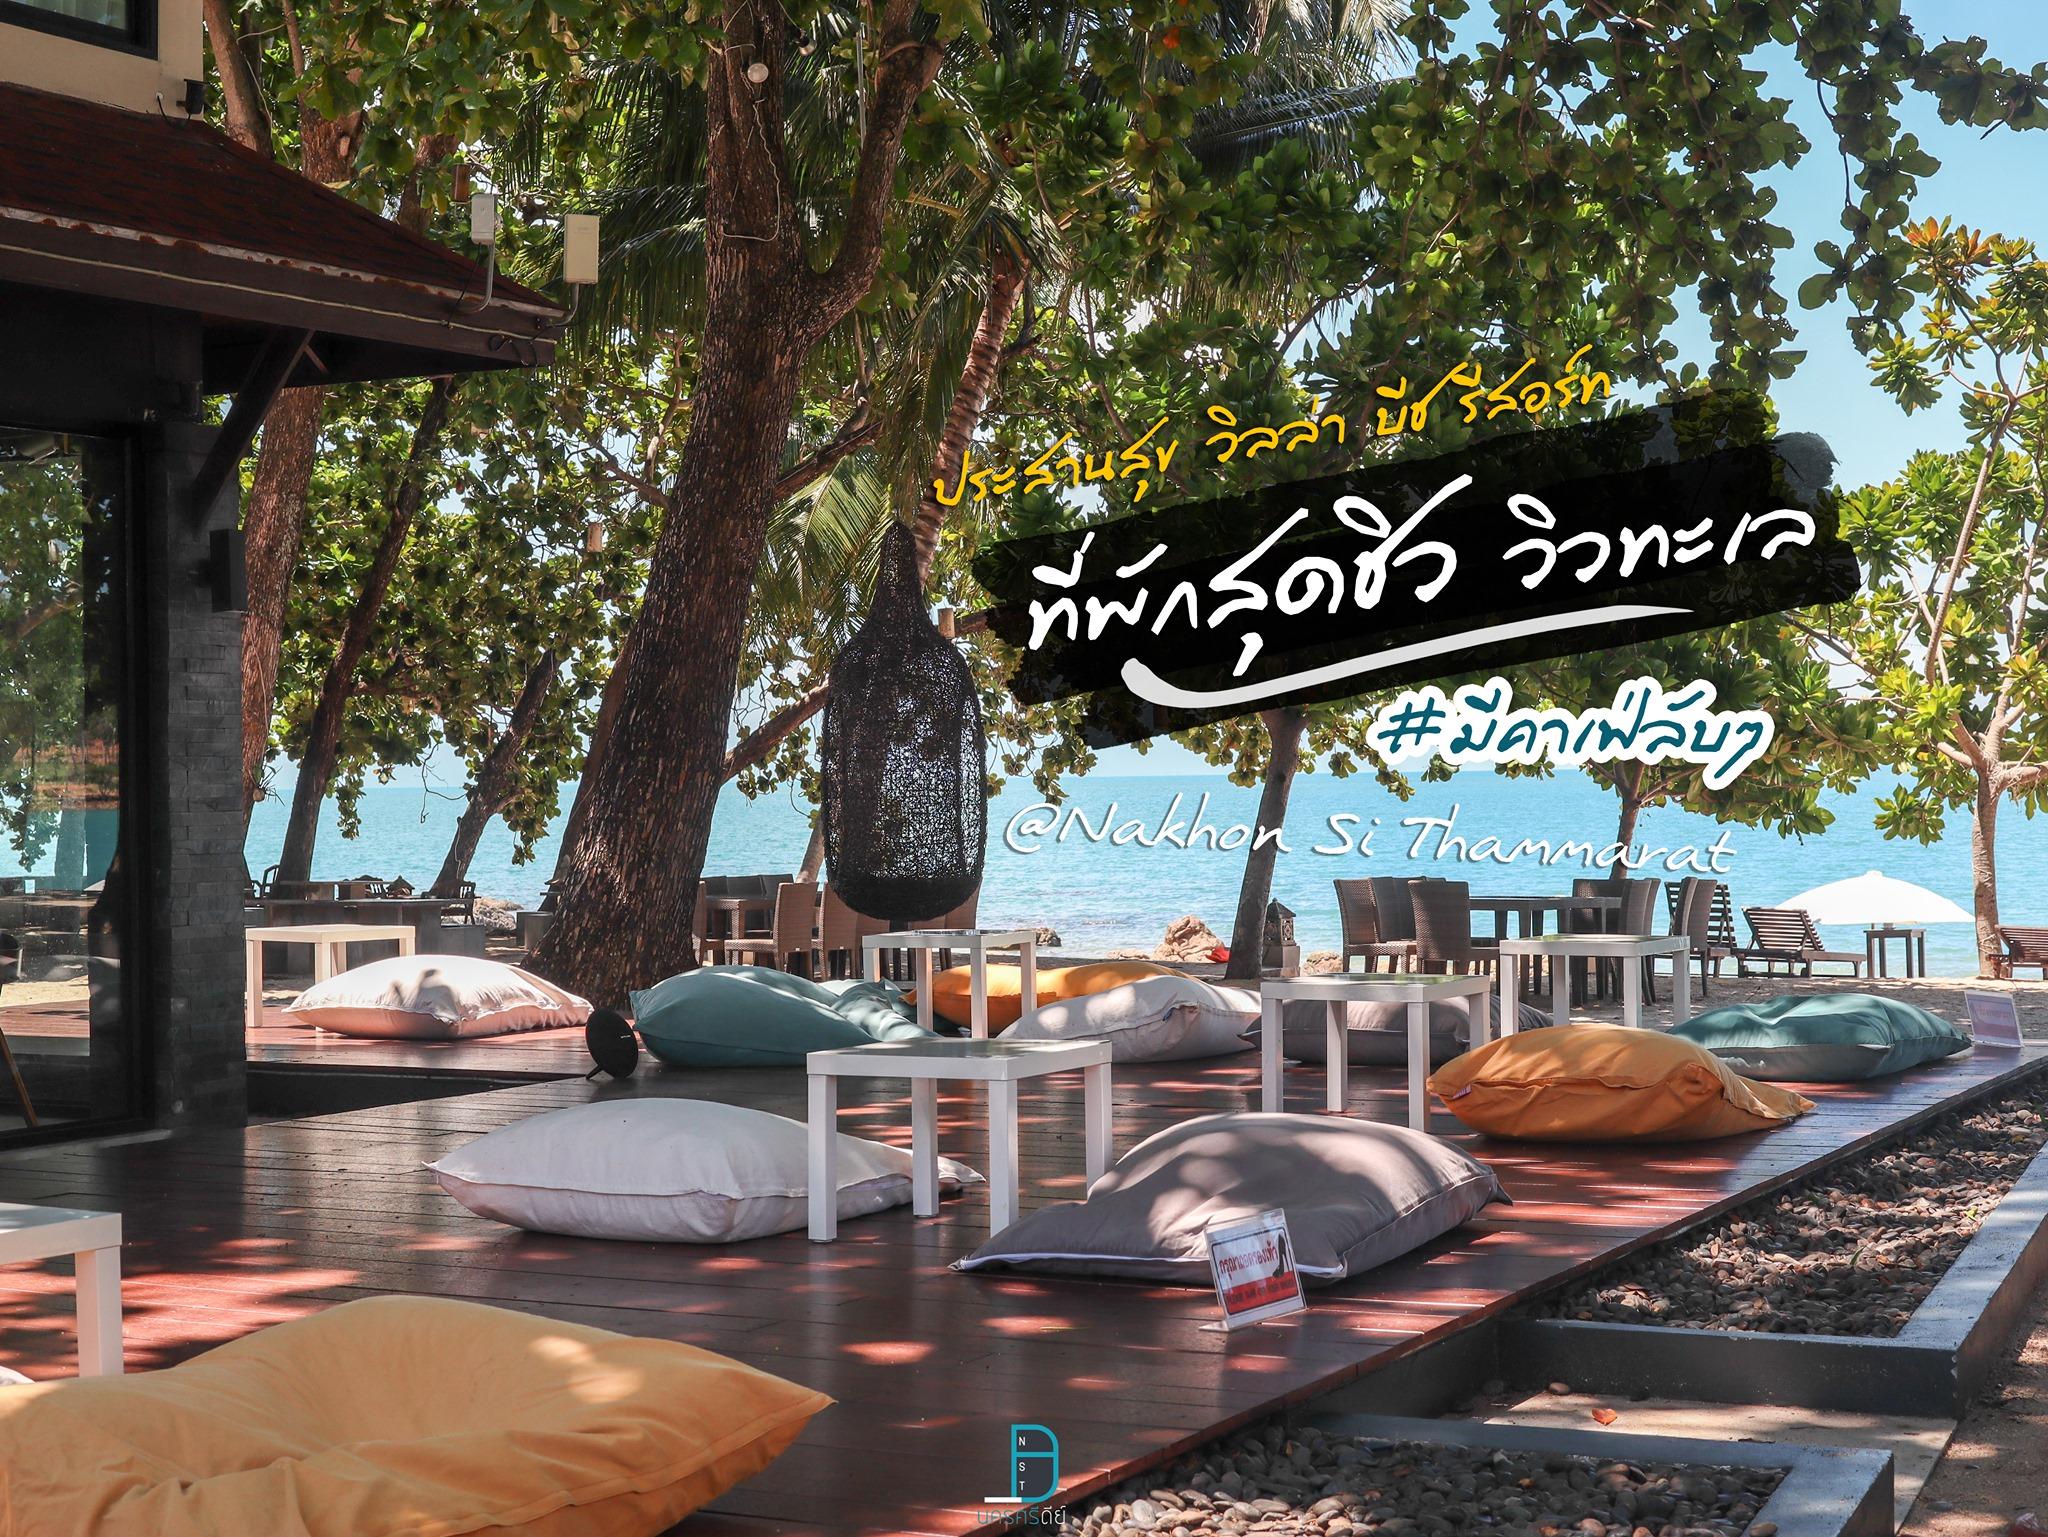 ประสานสุข วิลล่า บีช รีสอร์ท สิชล  นครศรีธรรมราช โรงแรมวิวหลักล้านสวยชิวริมทะเล prasarnsook villa beach resort